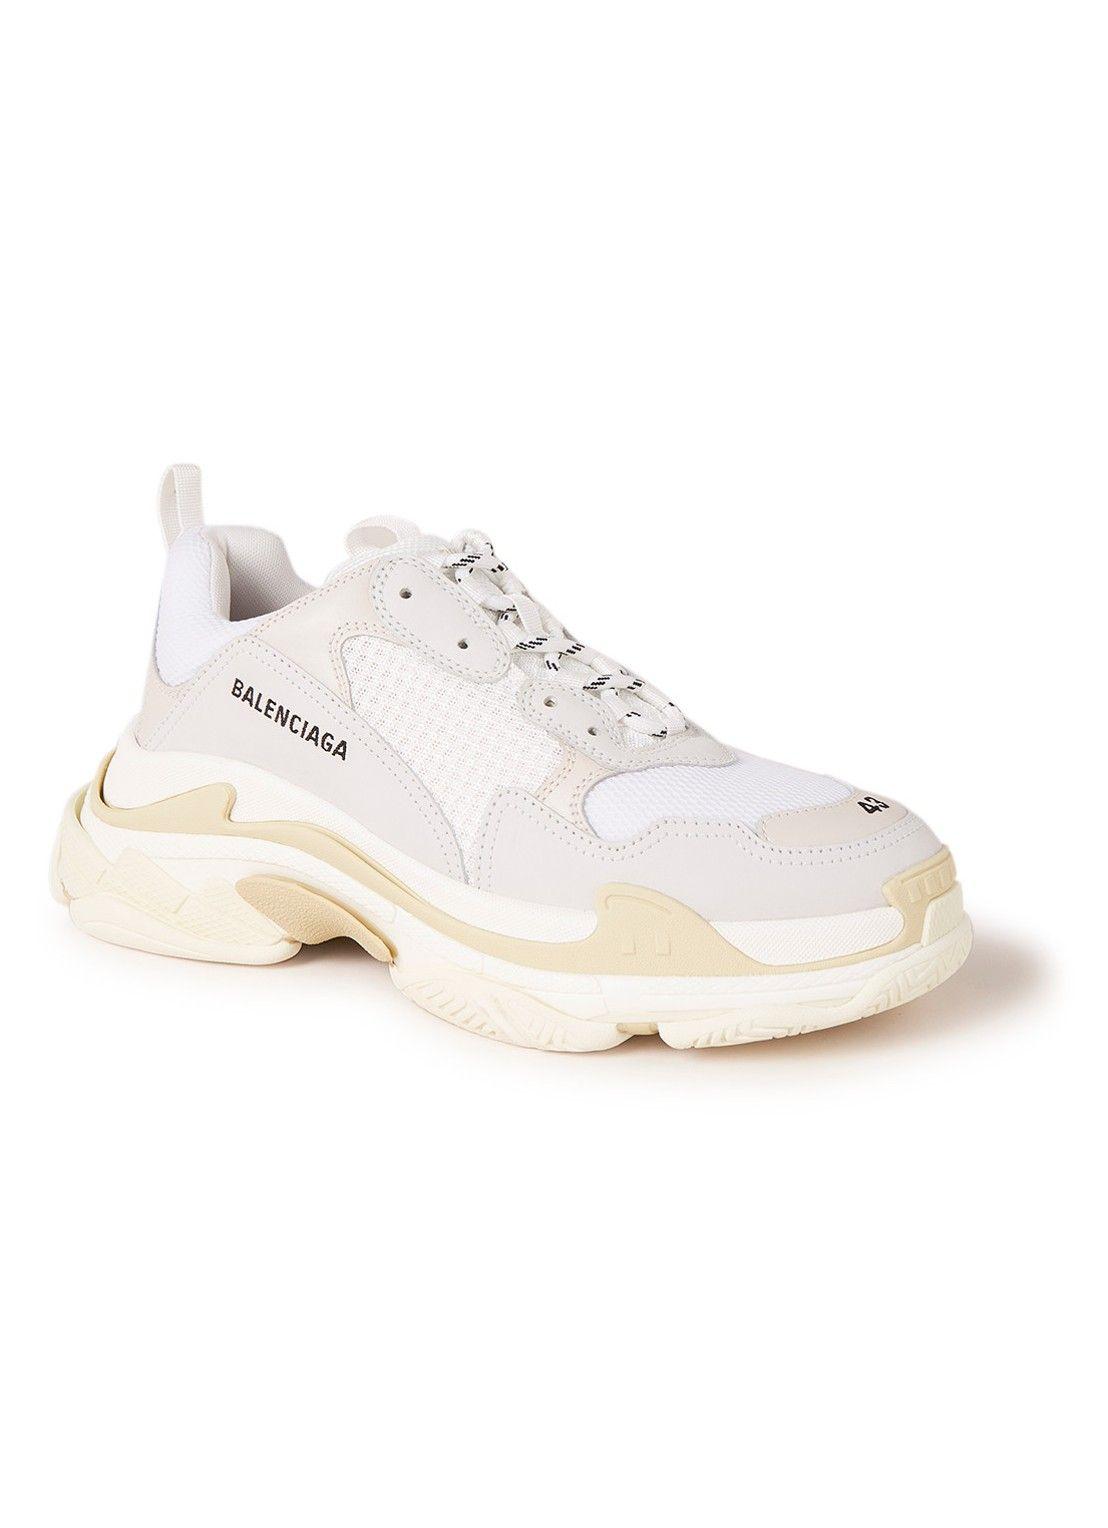 adidas schoenen heren bijenkorf